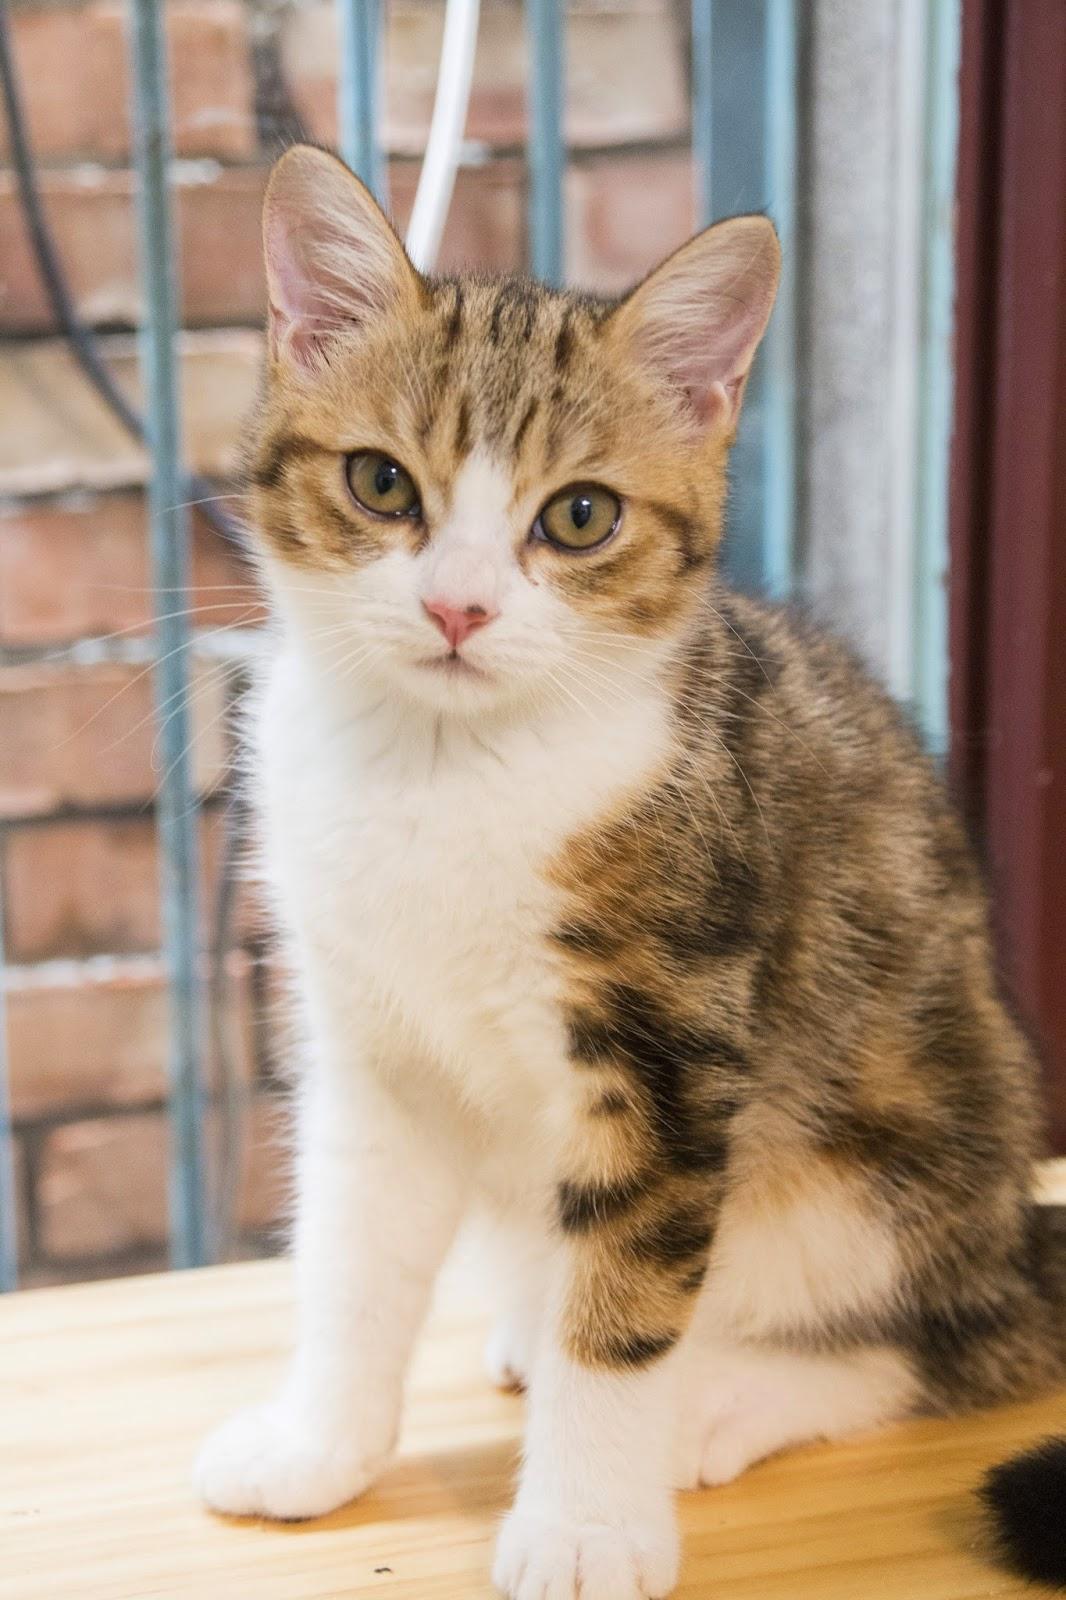 待送養貓咪:小福,不但長得跟媽媽超像,還跟媽媽穿母子裝